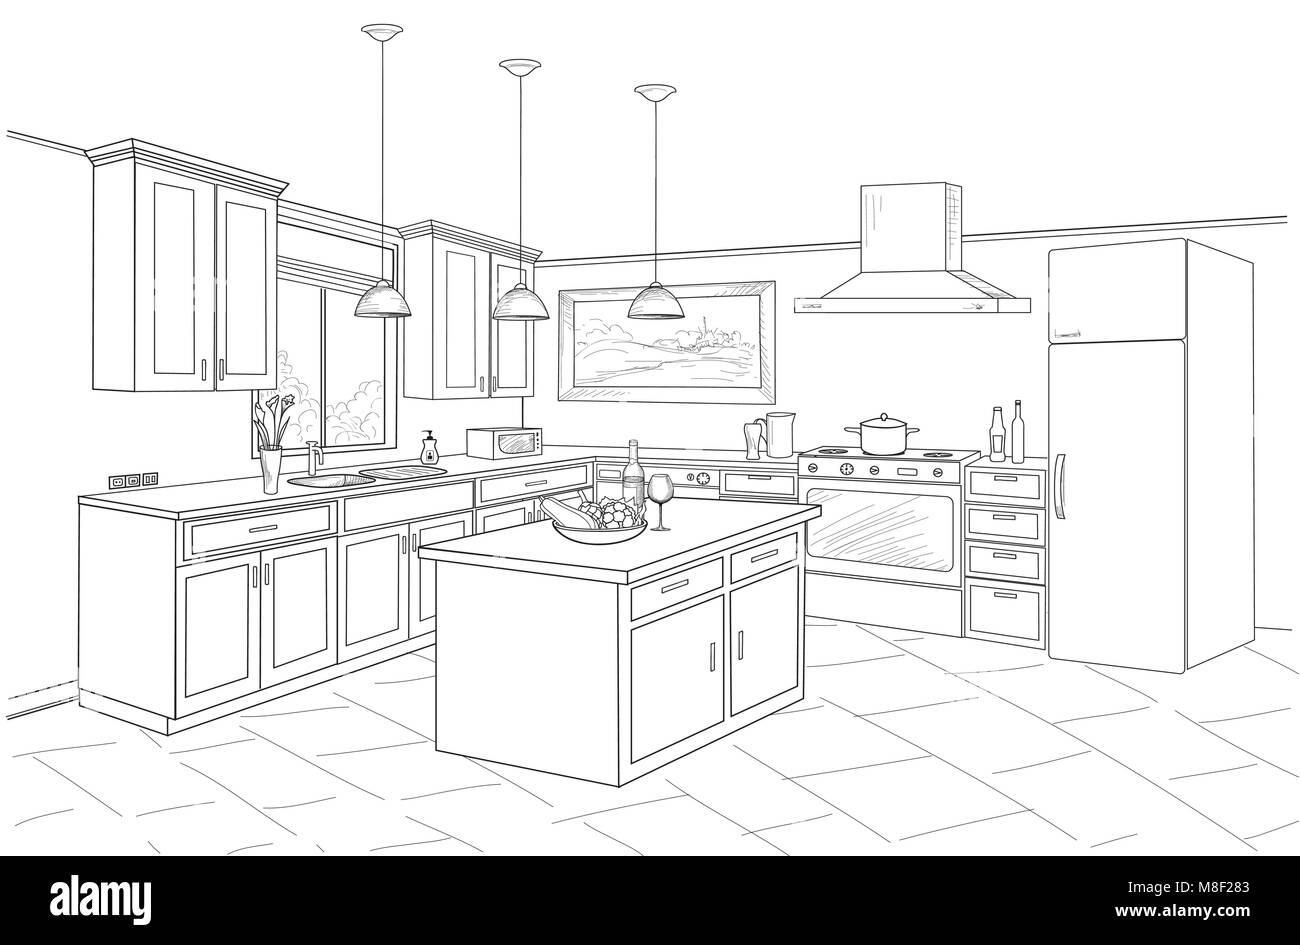 Interior Sketch Of Kitchen Room Outline Blueprint Design